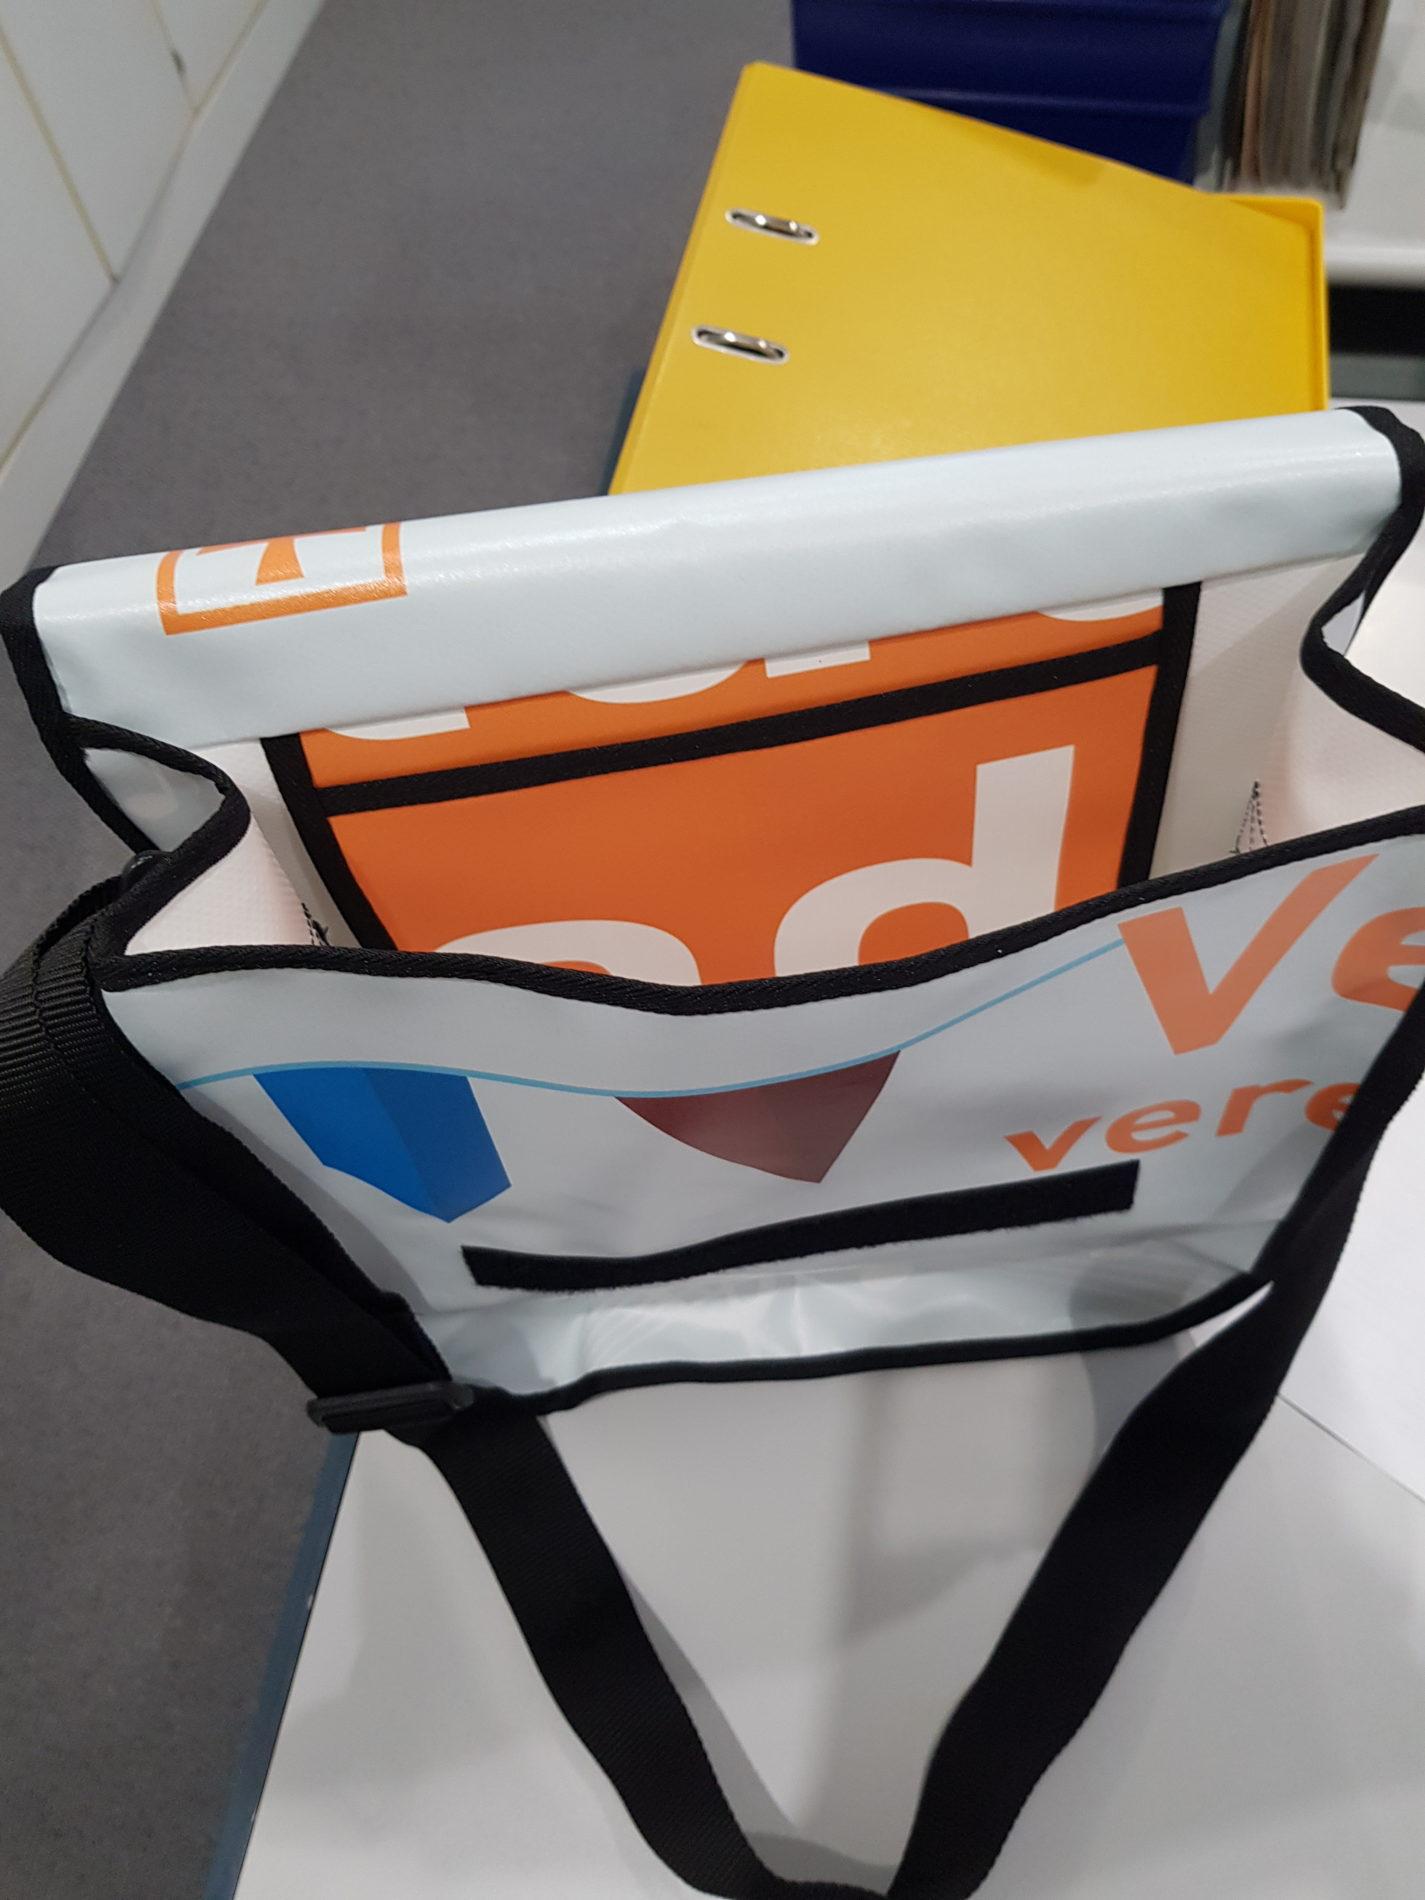 Verden-Souvenirs - Comebags : Taschen aus Veranstaltungsbannern